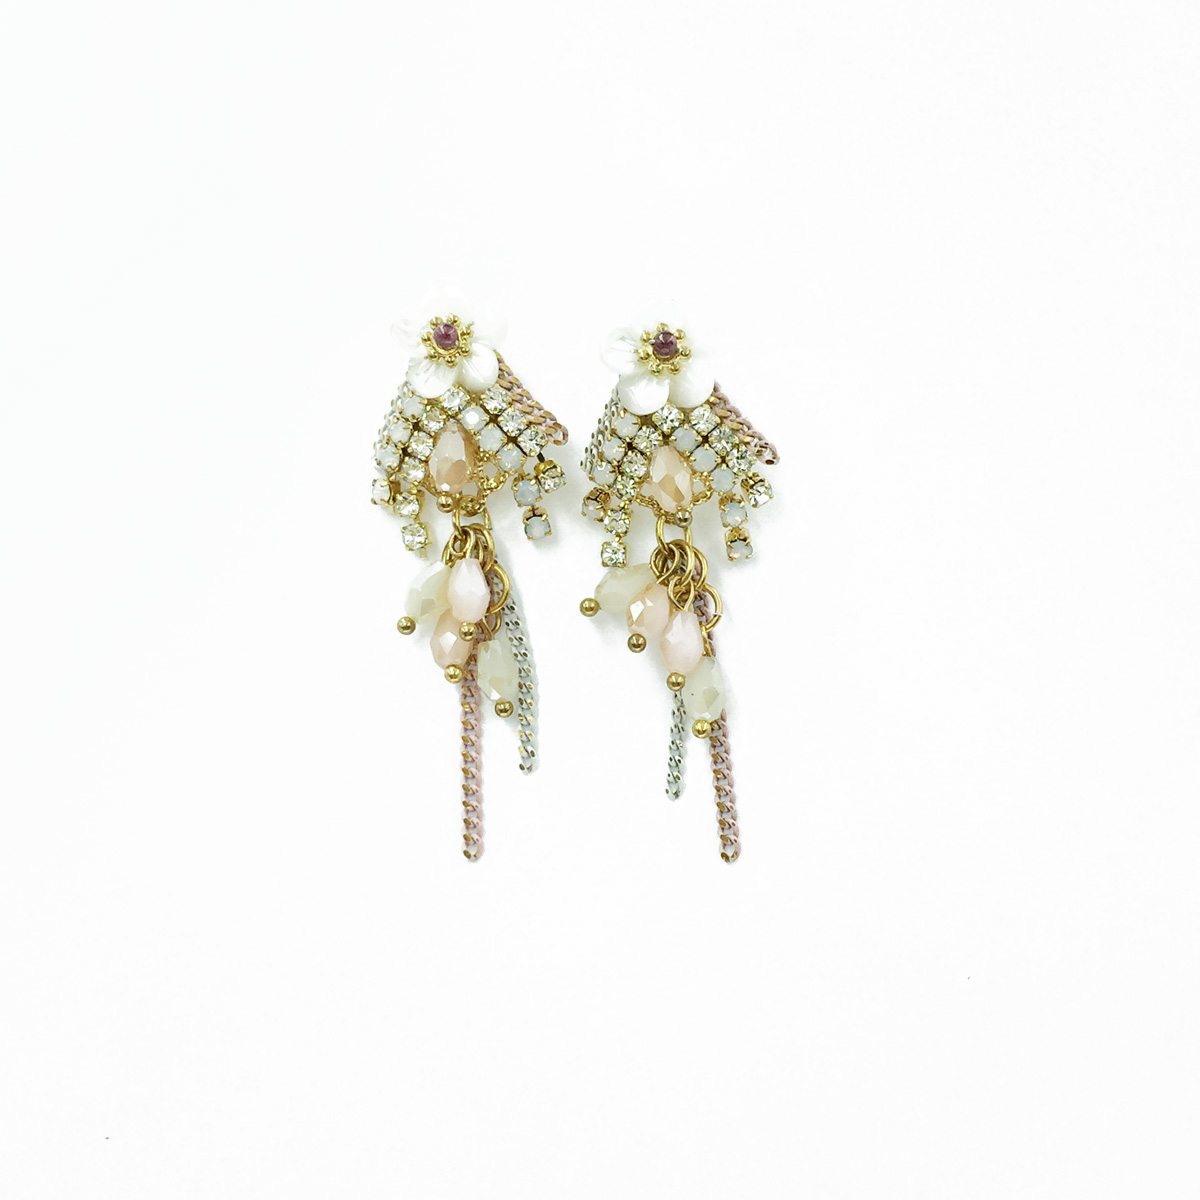 花 珍珠水鑽 垂墜 耳針式耳環 採用施華洛世奇水晶元素 Crystals from Swarovski